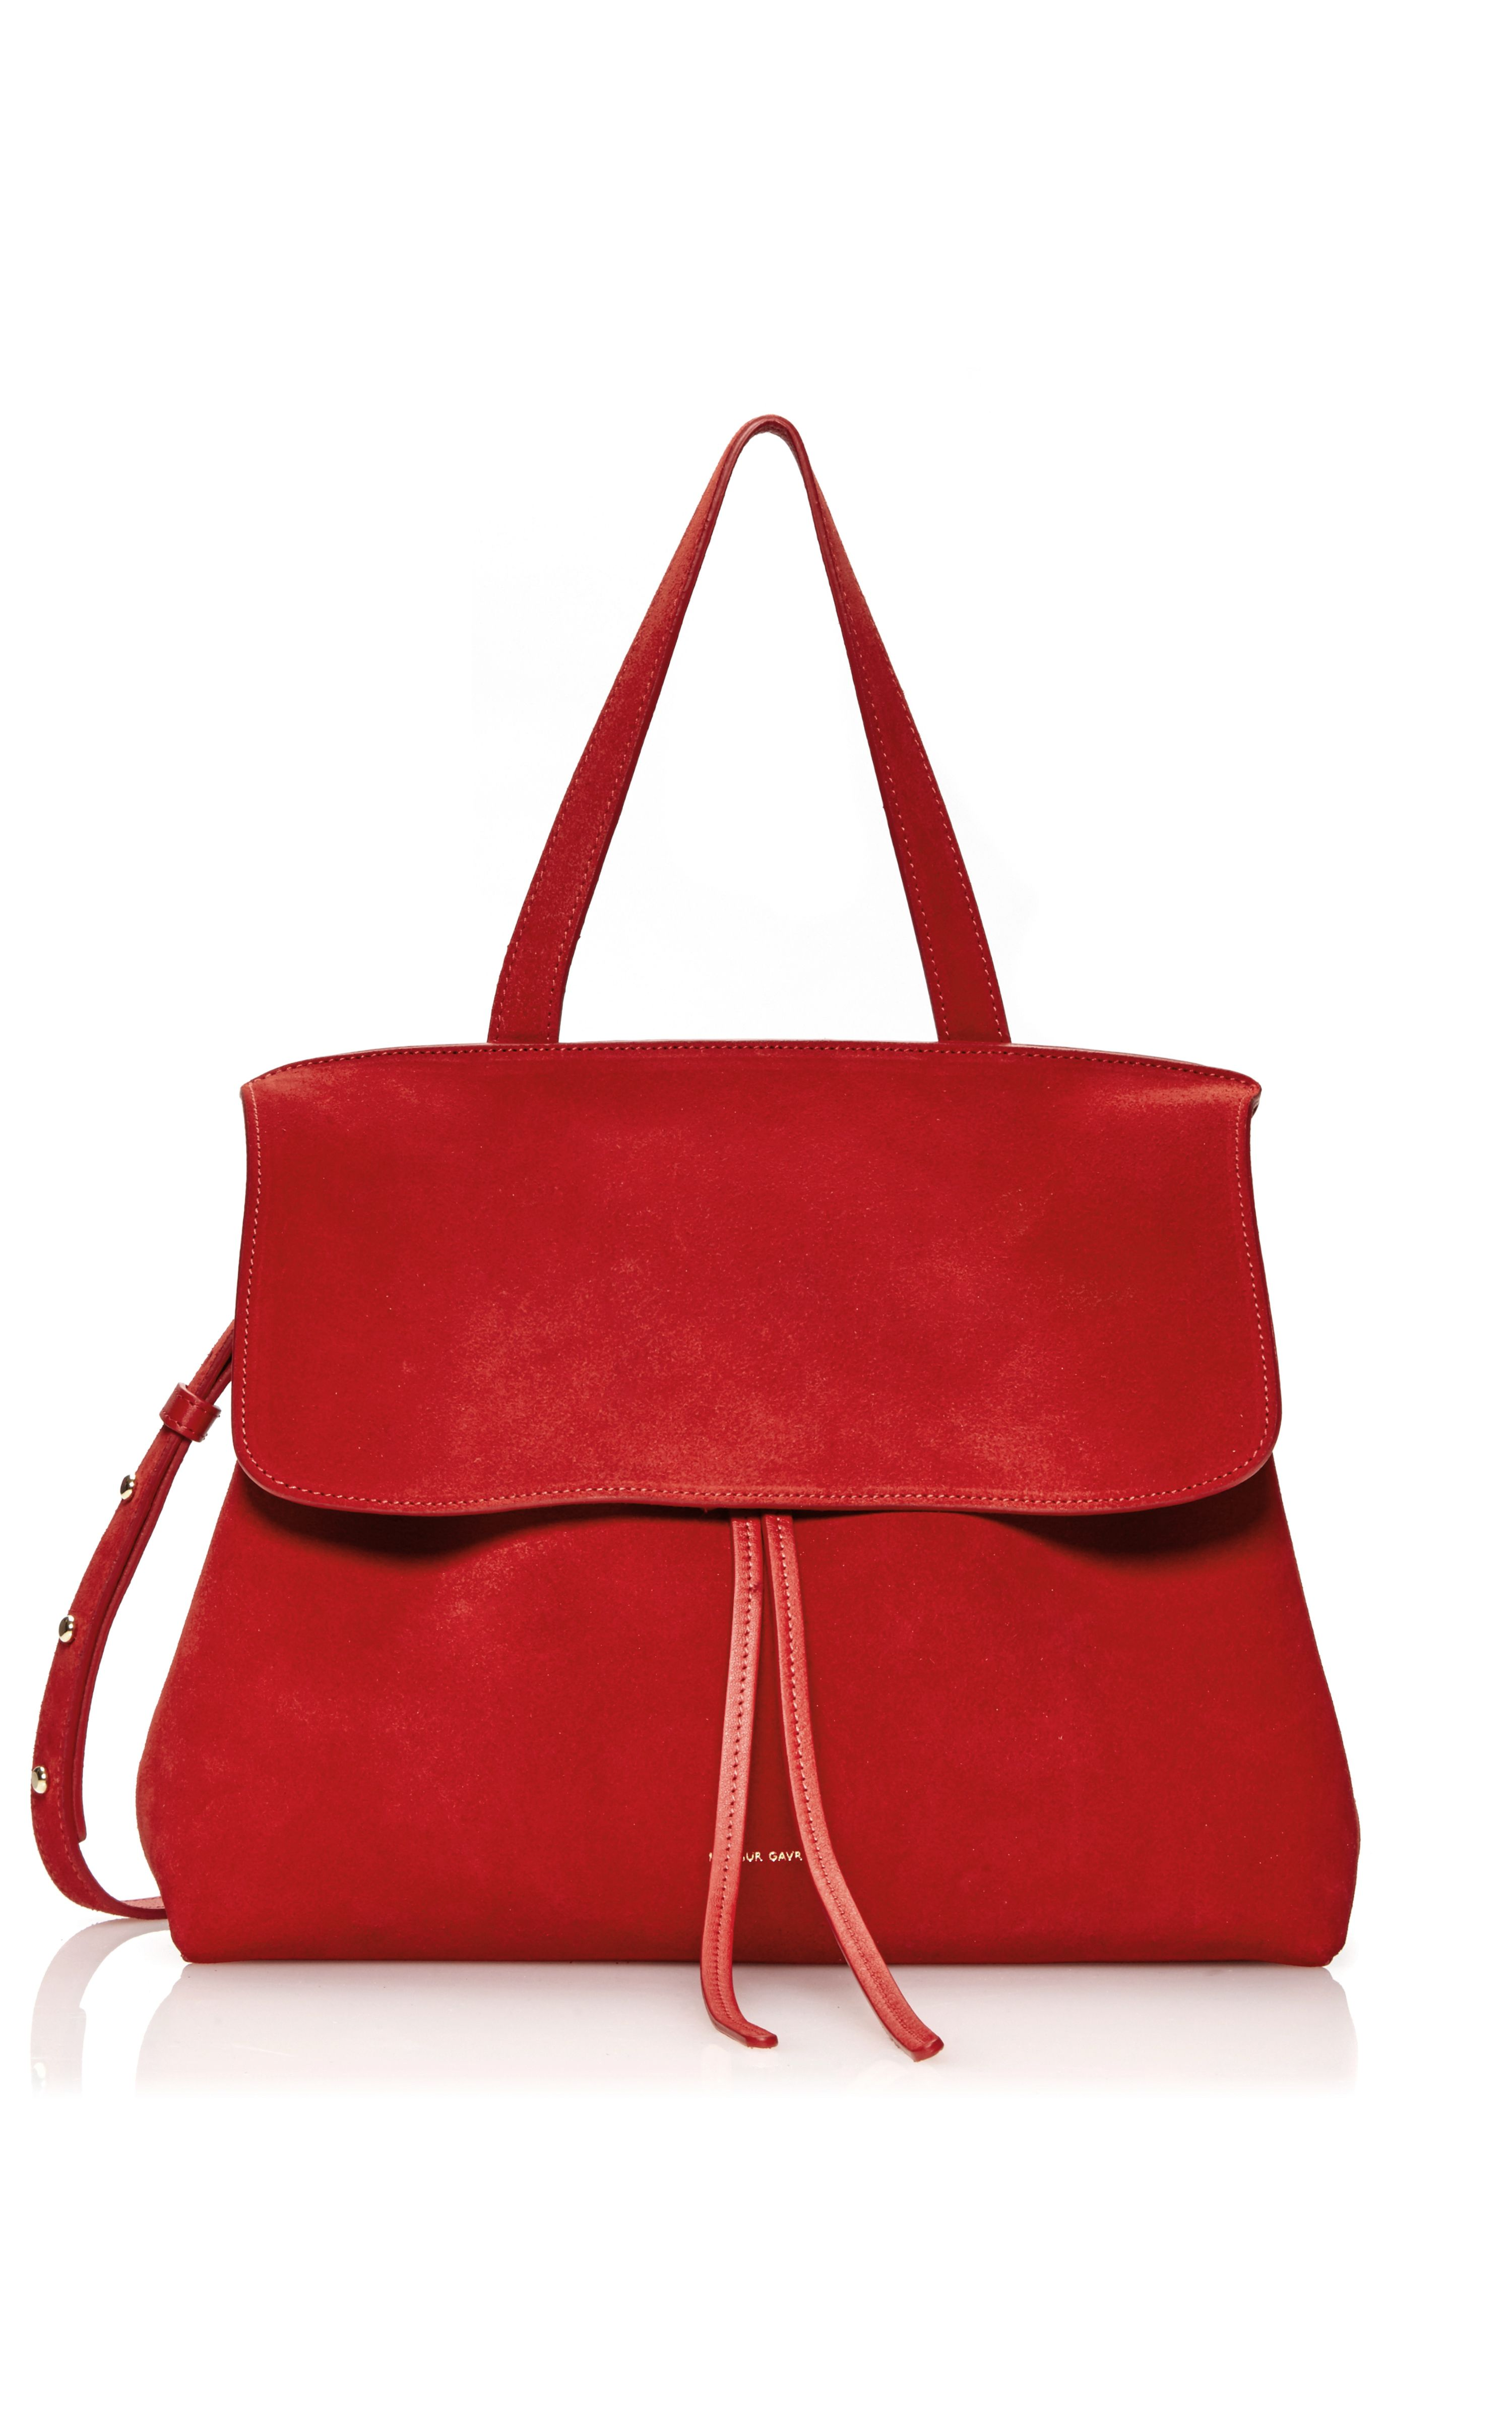 c03ea145b26c Mansur Gavriel Fall Winter 2016 - Lady Bag in Red Suede - pre-order now on  Moda Operandi!